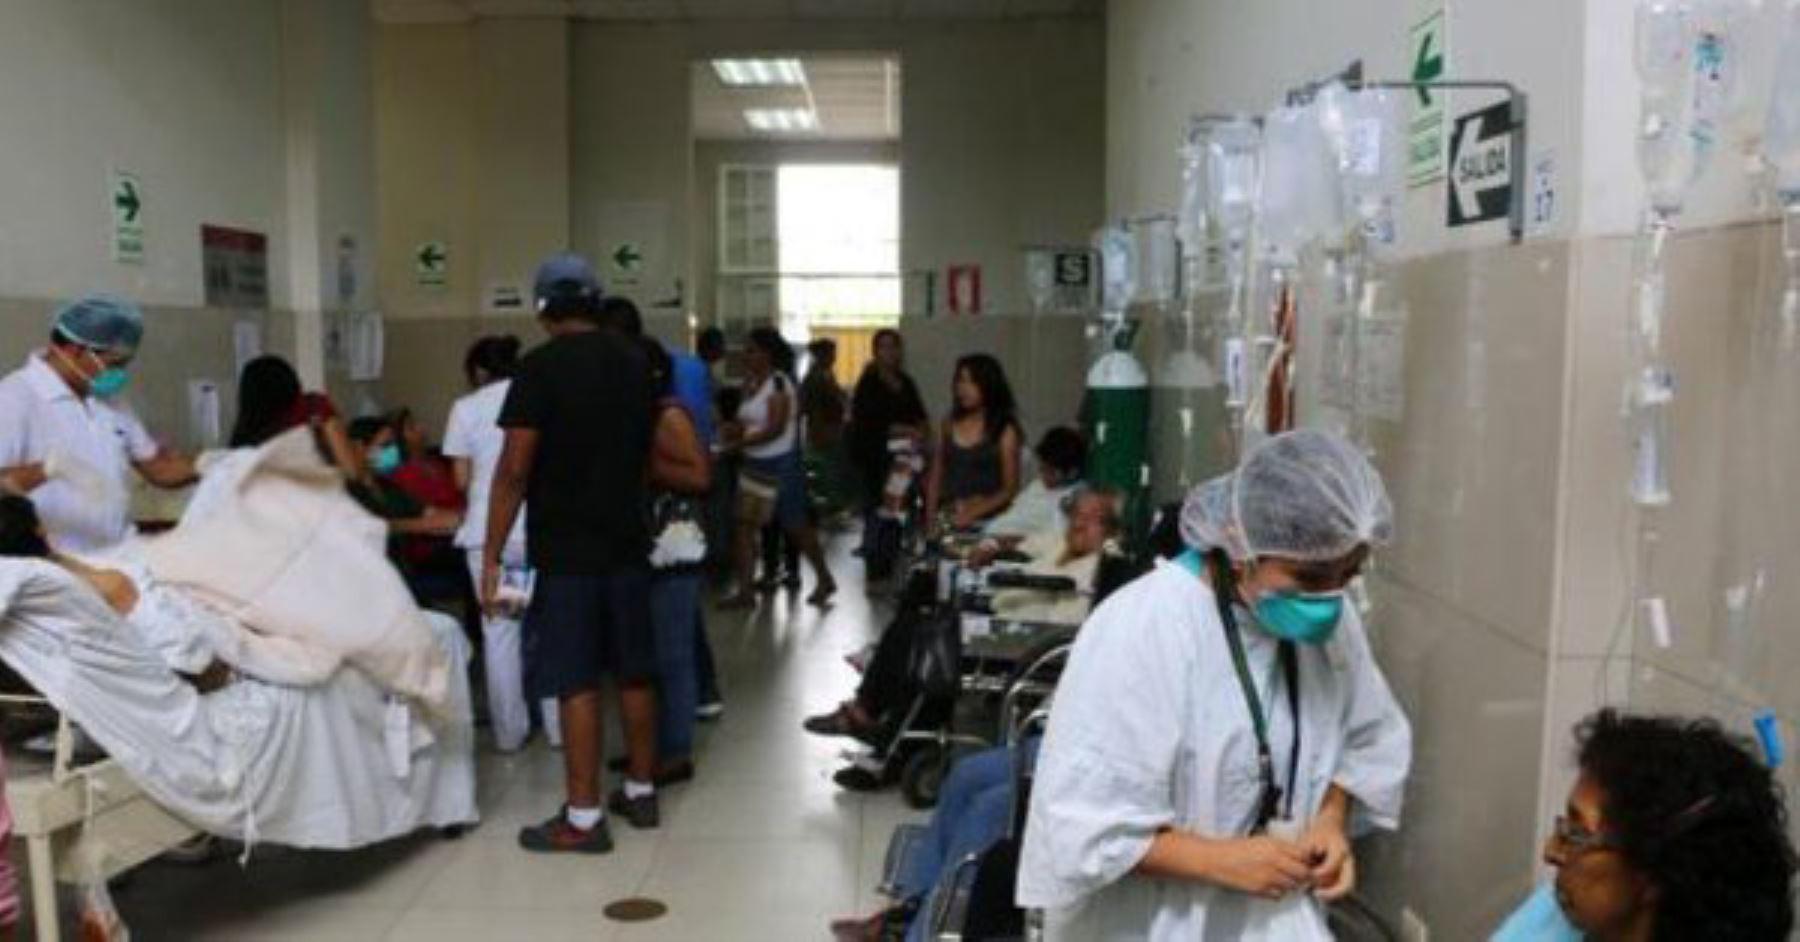 Minsa investigará causas de intoxicación masiva en Ayacucho. INTERNET/Medios